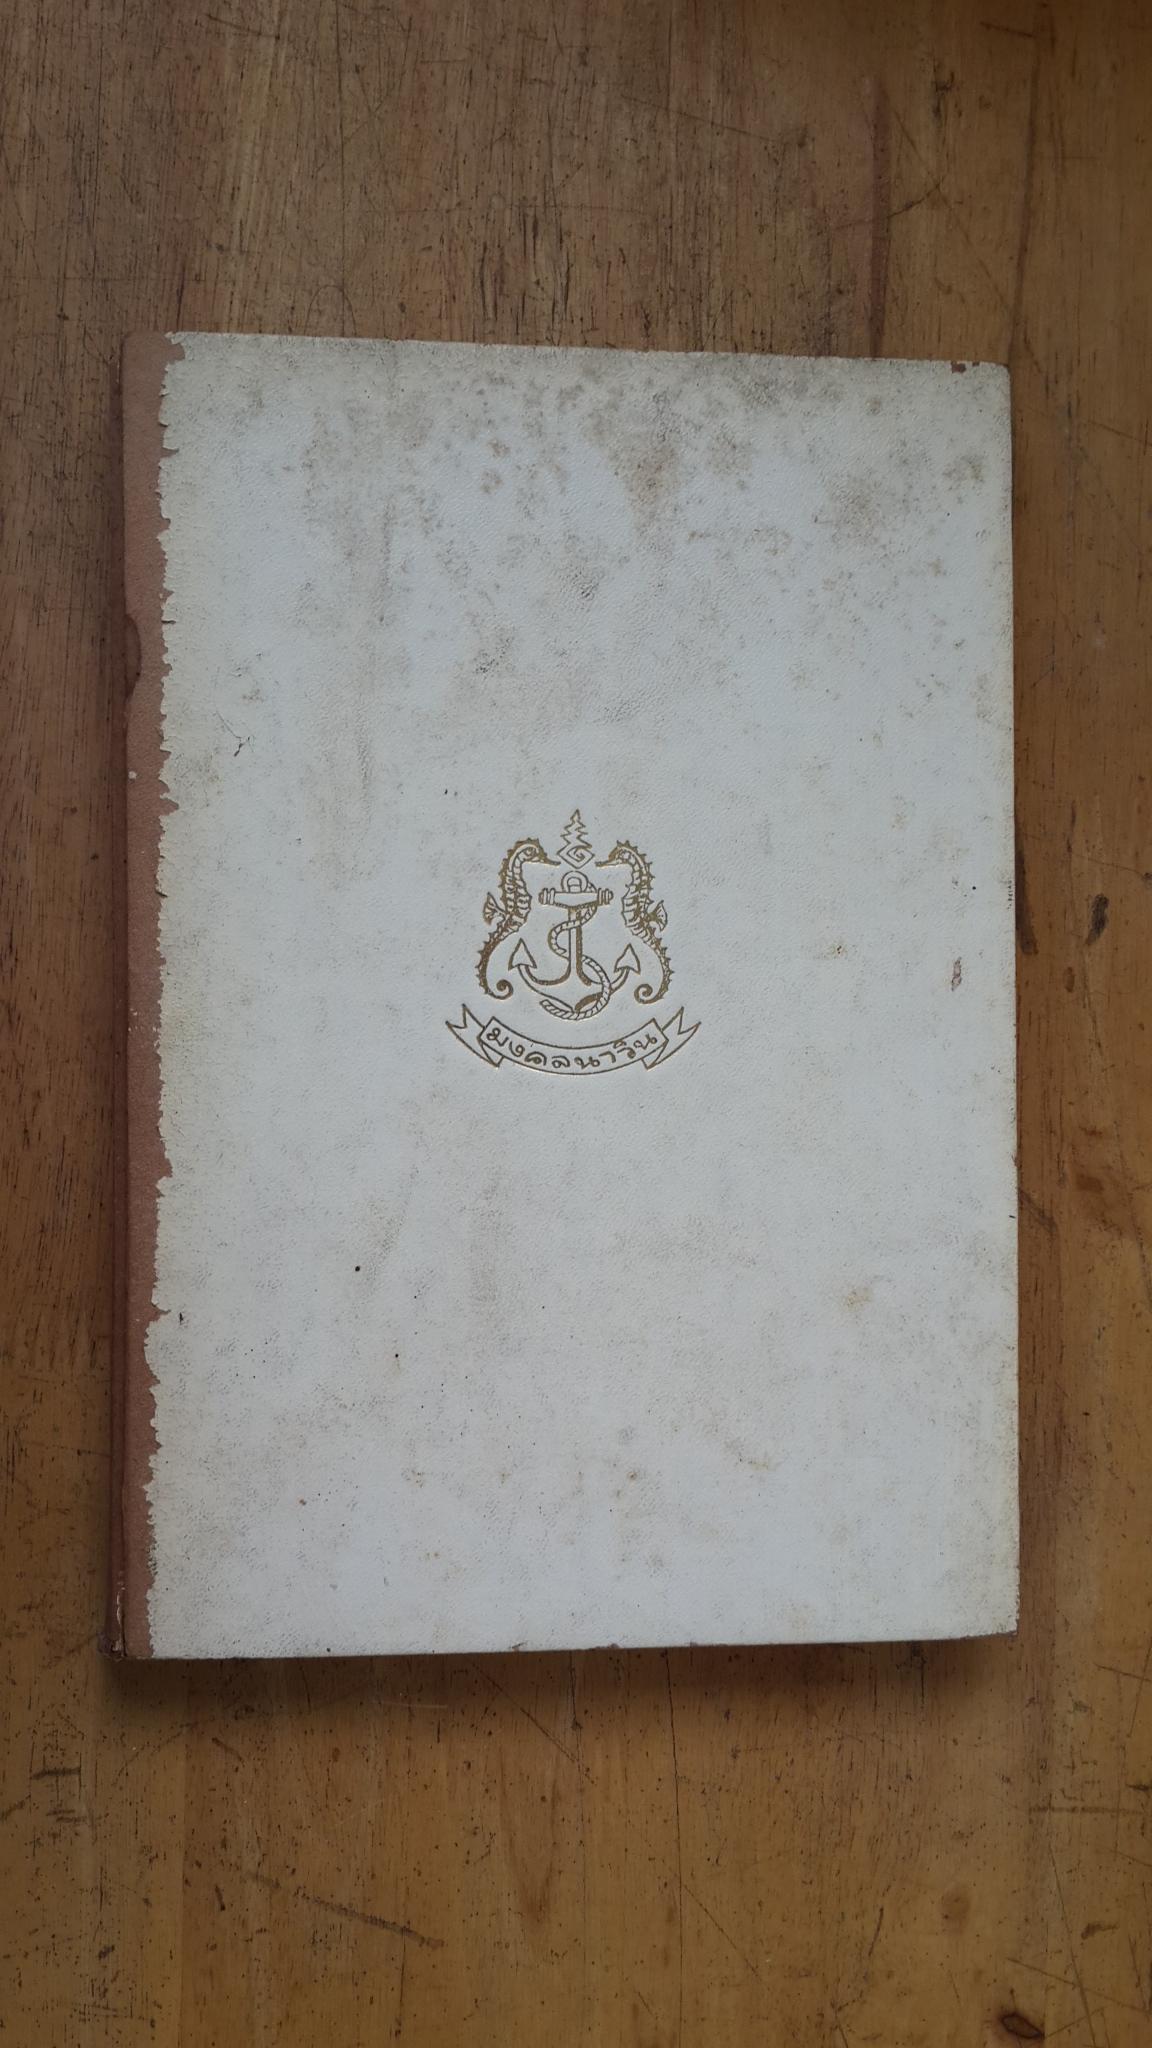 ปัญหากฎหมายสำหรับประชาชน : พิมพ์เป็นบรรณาการ ในงานพระราชทานเพลิงศพ นาวาโท พระมงคลนาวาวุธ (มงคล มงคลนาวิน)